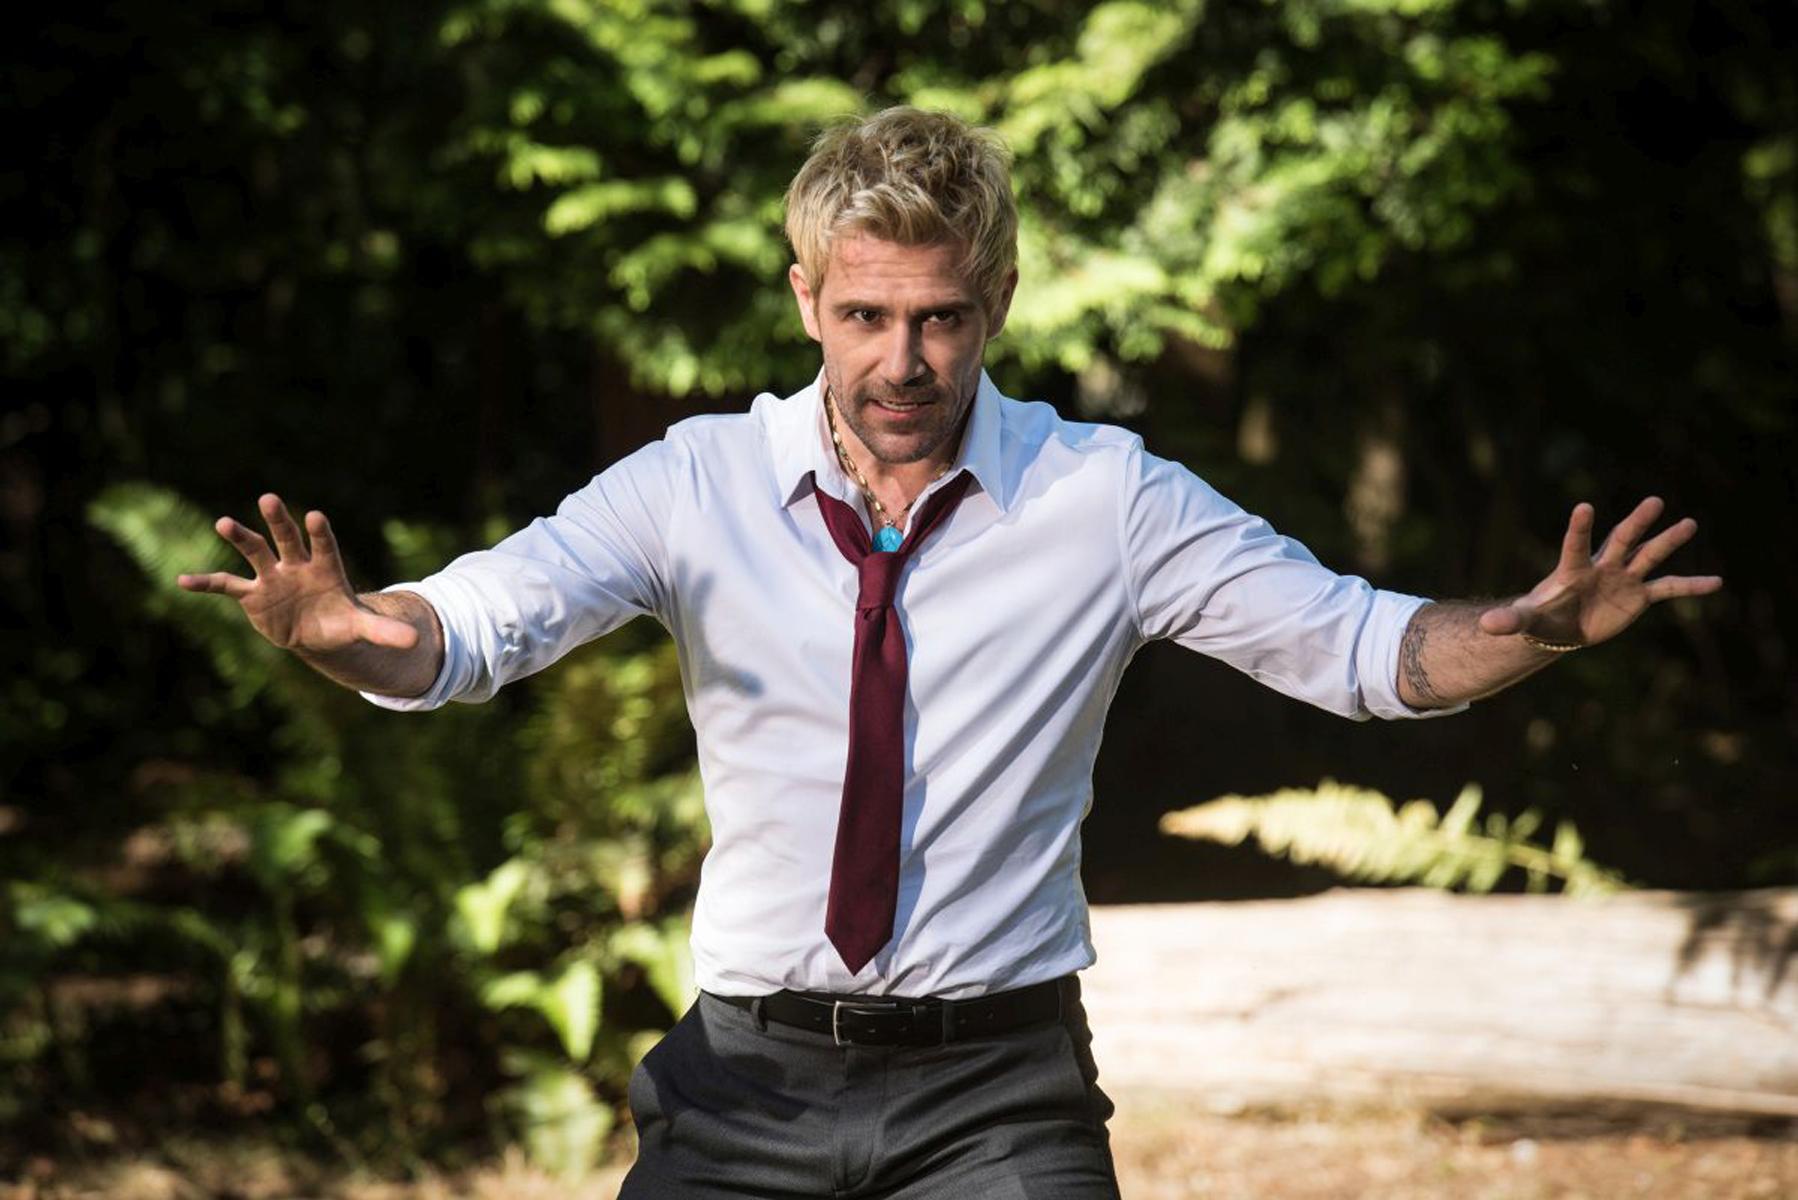 Constantine vai continuar na série Legends of Tomorrow | Pipoca Moderna